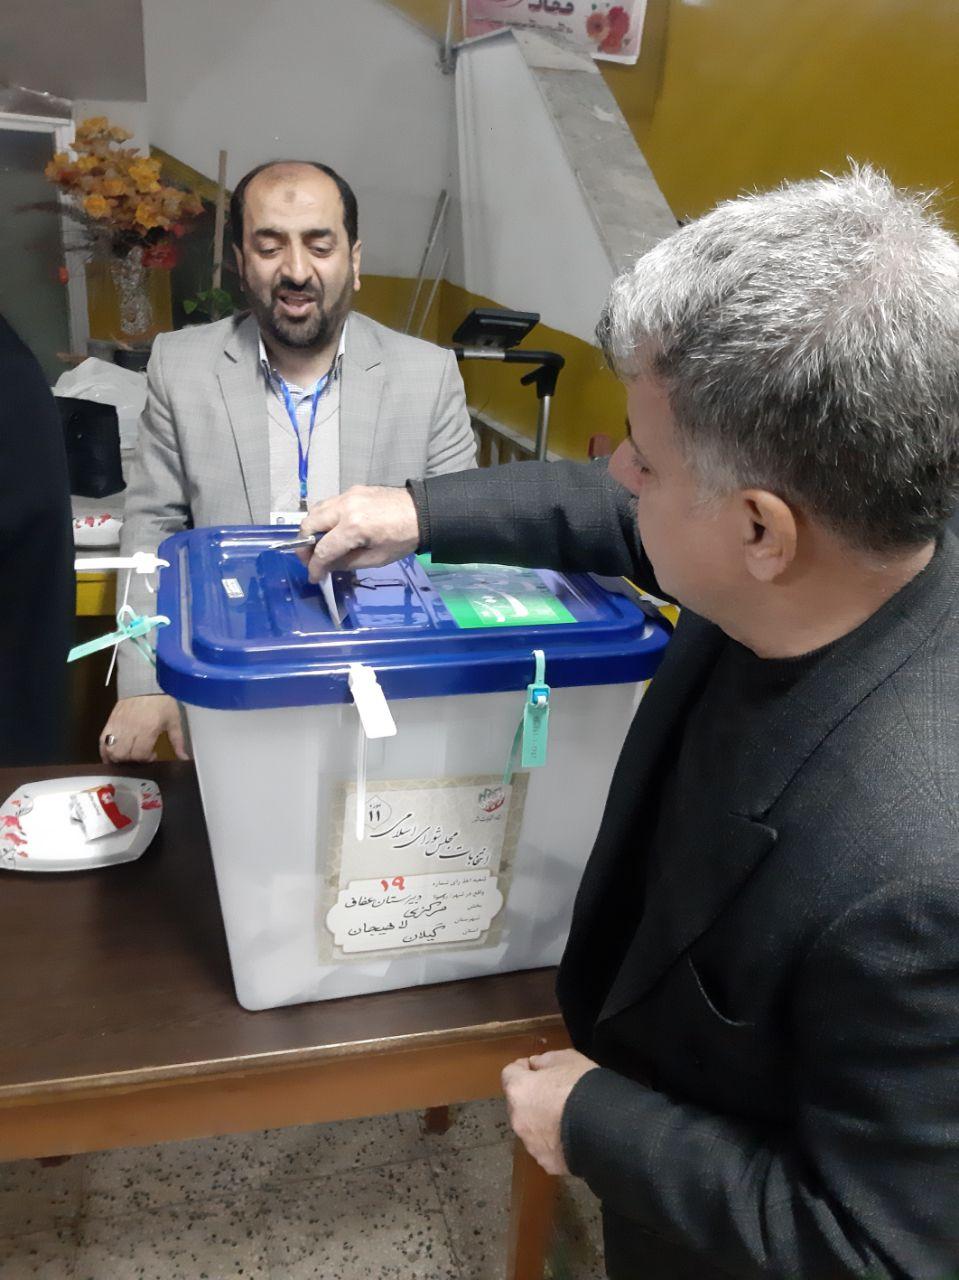 📸گزارش تصویری از شعب اخذ رای حوزه انتخابیه لاهیجان و سیاهکل    🕐 ساعات اخذ رای (۱۸الی۱۹)